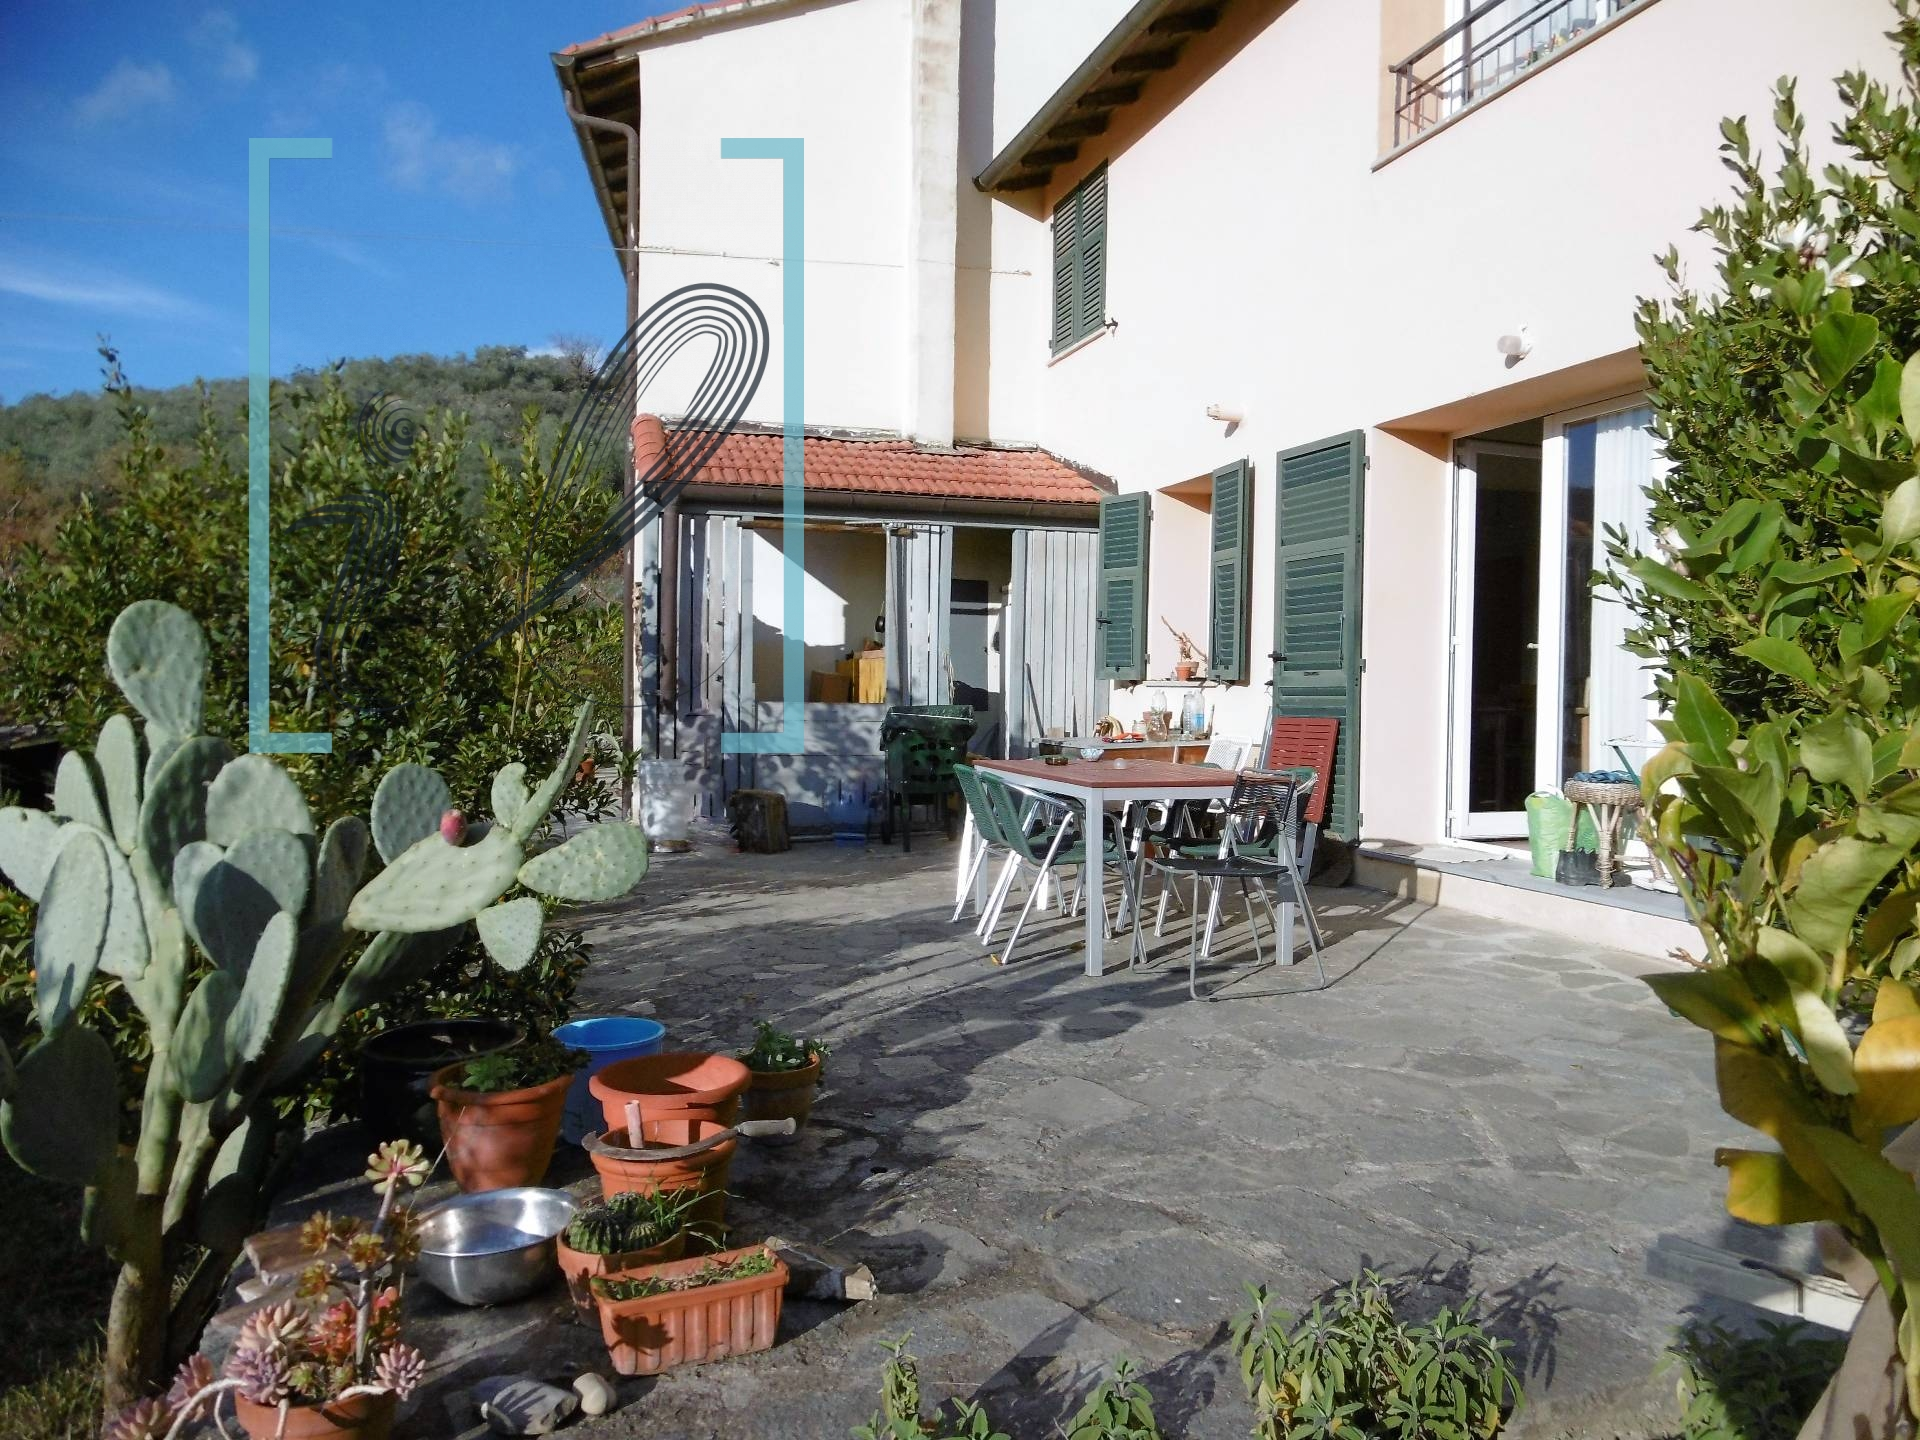 Appartamento in vendita a Ranzo, 6 locali, prezzo € 120.000 | CambioCasa.it